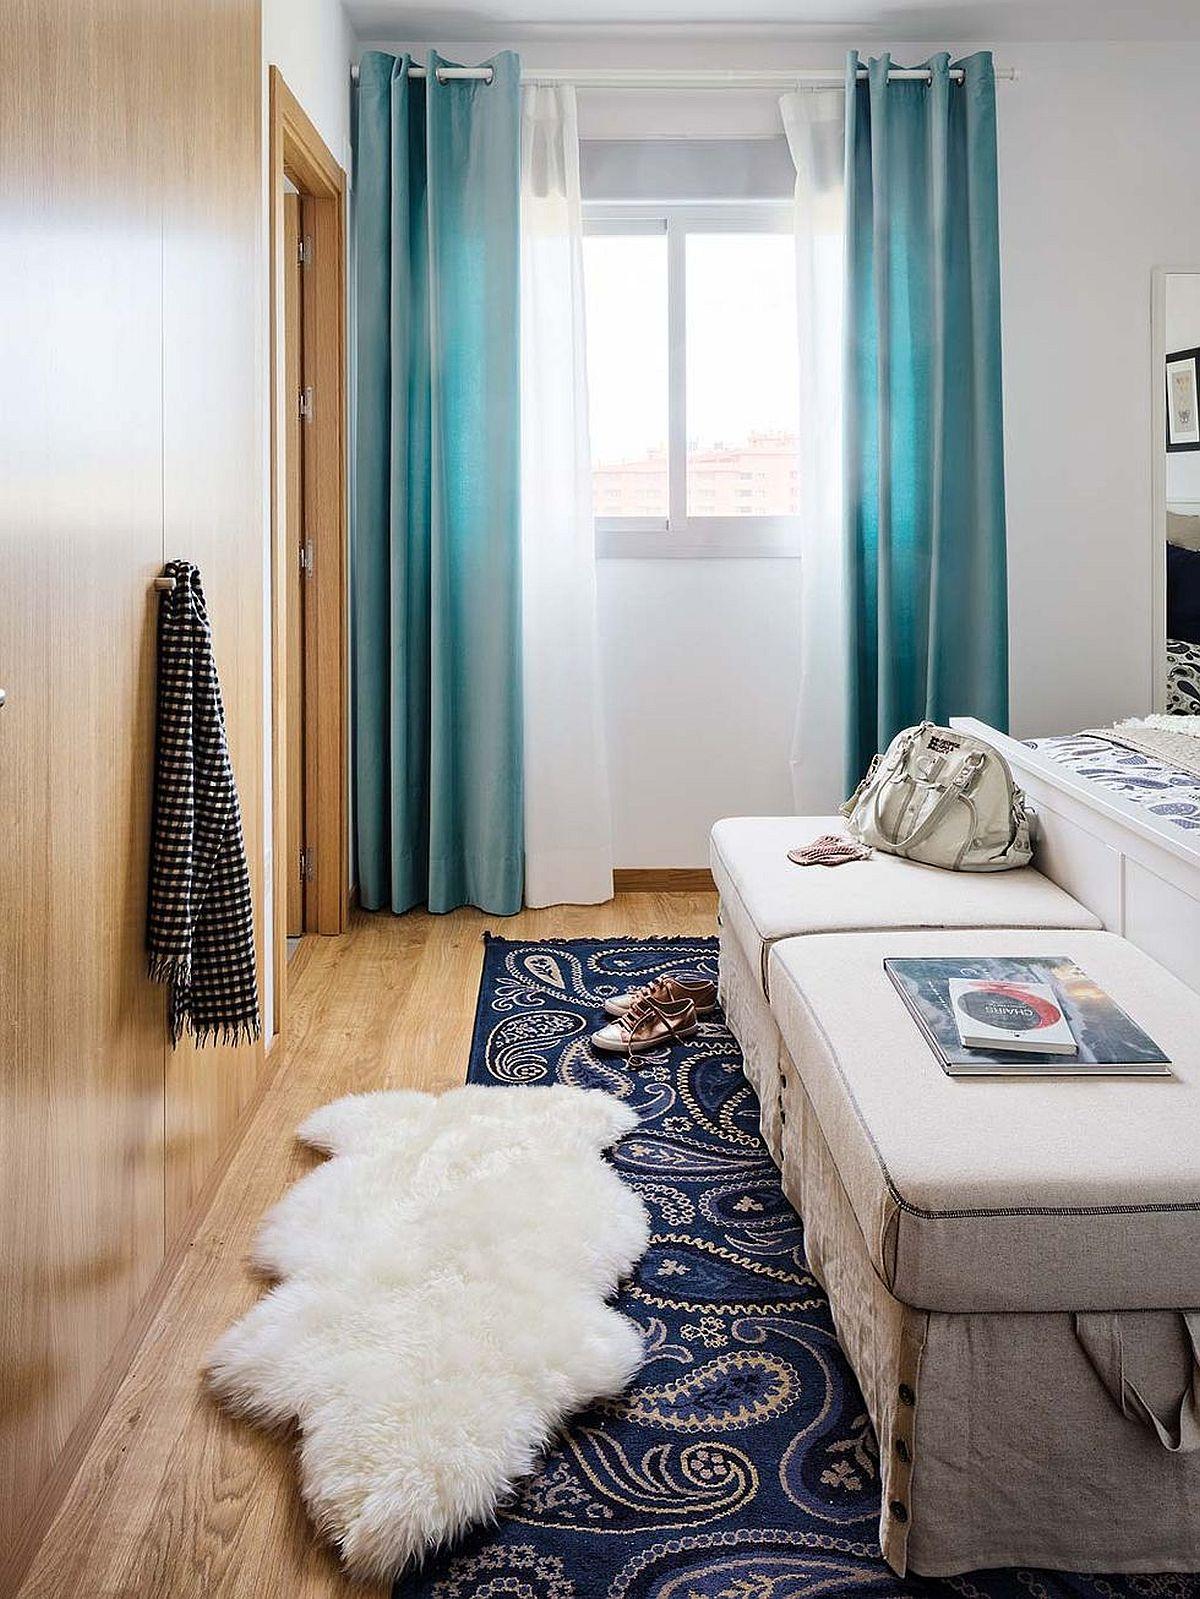 Dormitorul matrimonial beneficiază și de un dulap, dar și de acces către o baie proprie. Moblierul a fost dispus astfel încât să existe un culoar de acces în fața dulapului, care coincide cu cel către baie. Taburetele din fața patului sunt comode, dar asigură și locuri pentru depozitare.